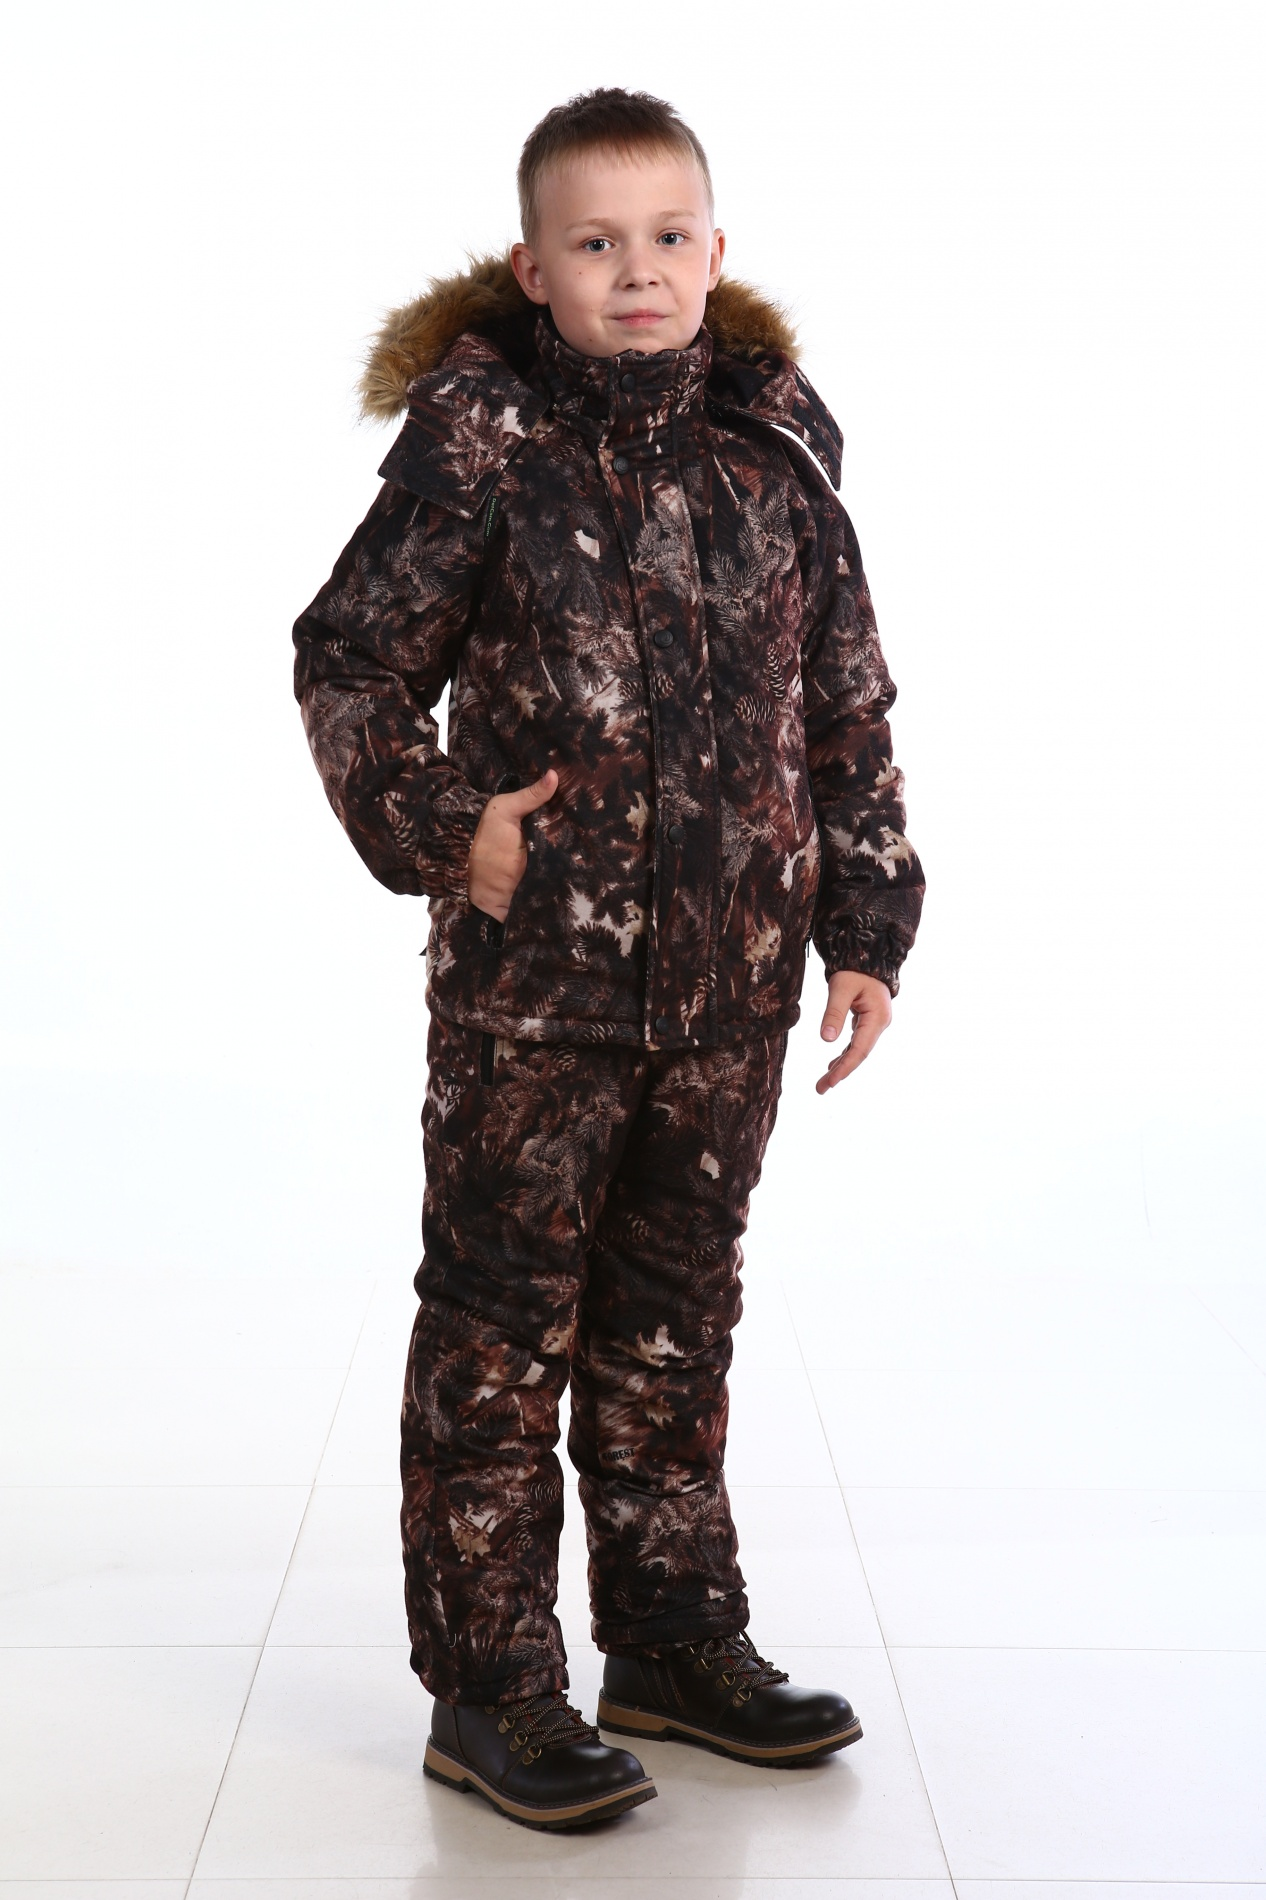 Костюм зимний детский Медвежонок (158)Костюмы утепленные<br>Костюм зимний куртка+полукомбинезон. Центральная <br>застежка на фронтальную молнию, закрытую <br>ветрозащитной планкой на кнопках. Ккапюшон <br>пристегивается на молнию, с регулировкой <br>лицевой части по высоте резиновым шнуром. <br>Съемная меховая опушка из натурального <br>меха на кнопках. Регулировка низа куртки <br>резиновым шнуром. Ро низу рукавов внутренние <br>манжеты из трикотажного полотна. Центральная <br>застежка полукомбинезона на фронтальную <br>молнию. Наколенники. Бретели с эластичными <br>вставками и фастексами. Ветрозащитные юбки <br>по низу полукомбинезона. Количество карманов <br>- 5. Ткань верха: Алова Подкладка:COSMO-HEAT, Таффета, <br>190Т Утеплитель куртка:Шелтер 400г/м2 Утеплитель <br>брюки:Шелтер 200г/м2 Водонепроницаемость:3000 <br>мм Паропроницаемость:1000 г/м2/24 часа Светоотражающий <br>элемент Температурный режим: от -5 до -25°С<br><br>Пол: мужской<br>Рост: 158<br>Сезон: зима<br>Материал: Алова 100% полиэстер